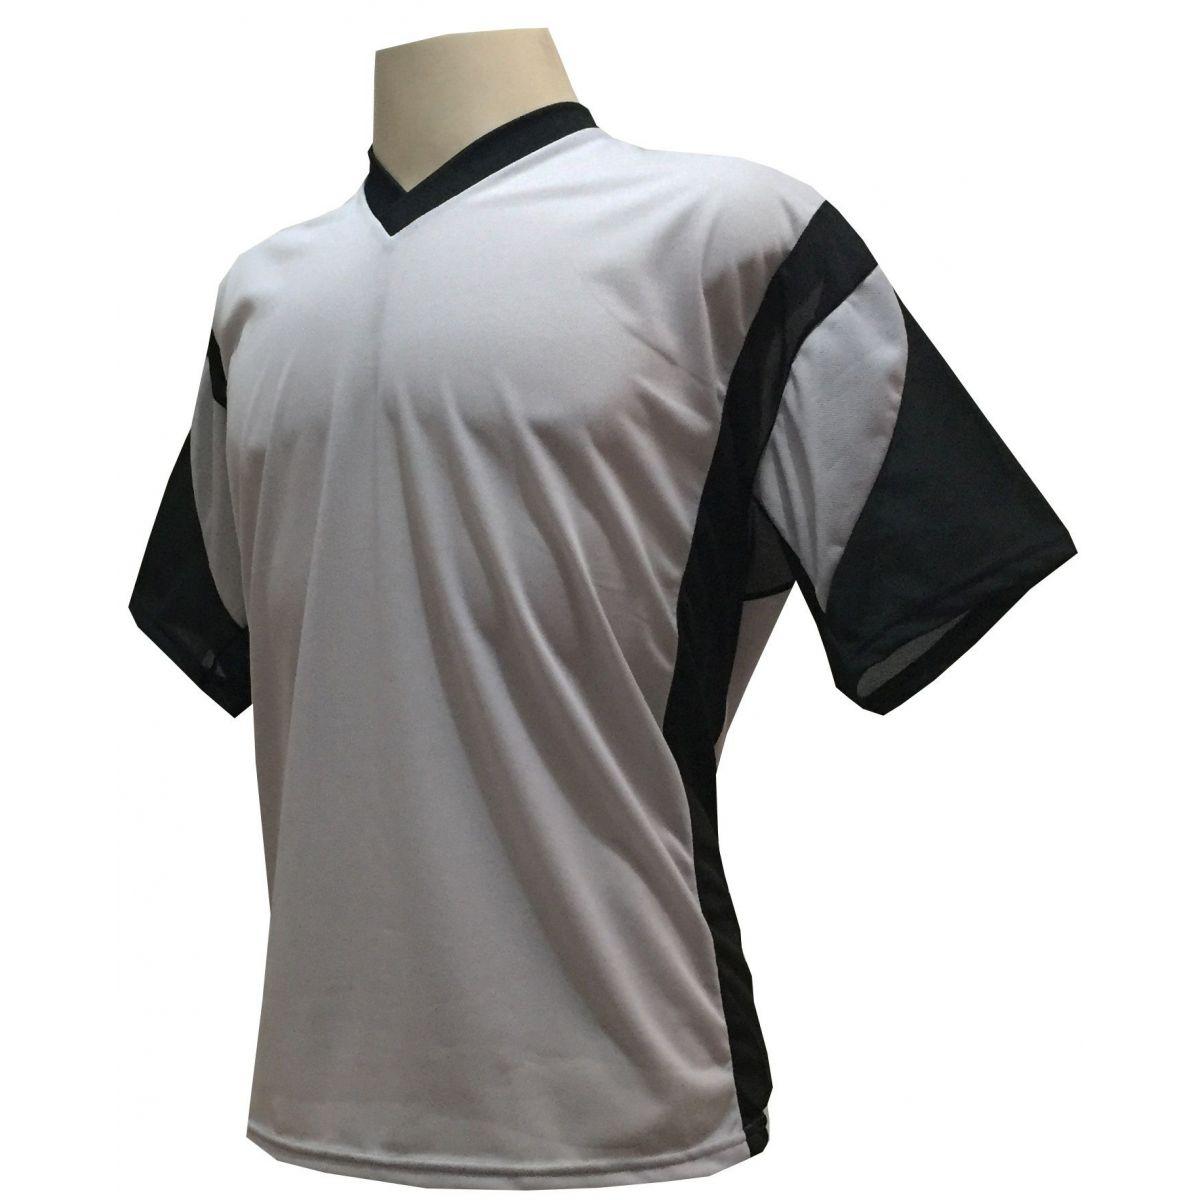 Jogo de Camisa Promocional com 12 Peças Numeradas Modelo Attack Cinza/Preto - Frete Grátis Brasil